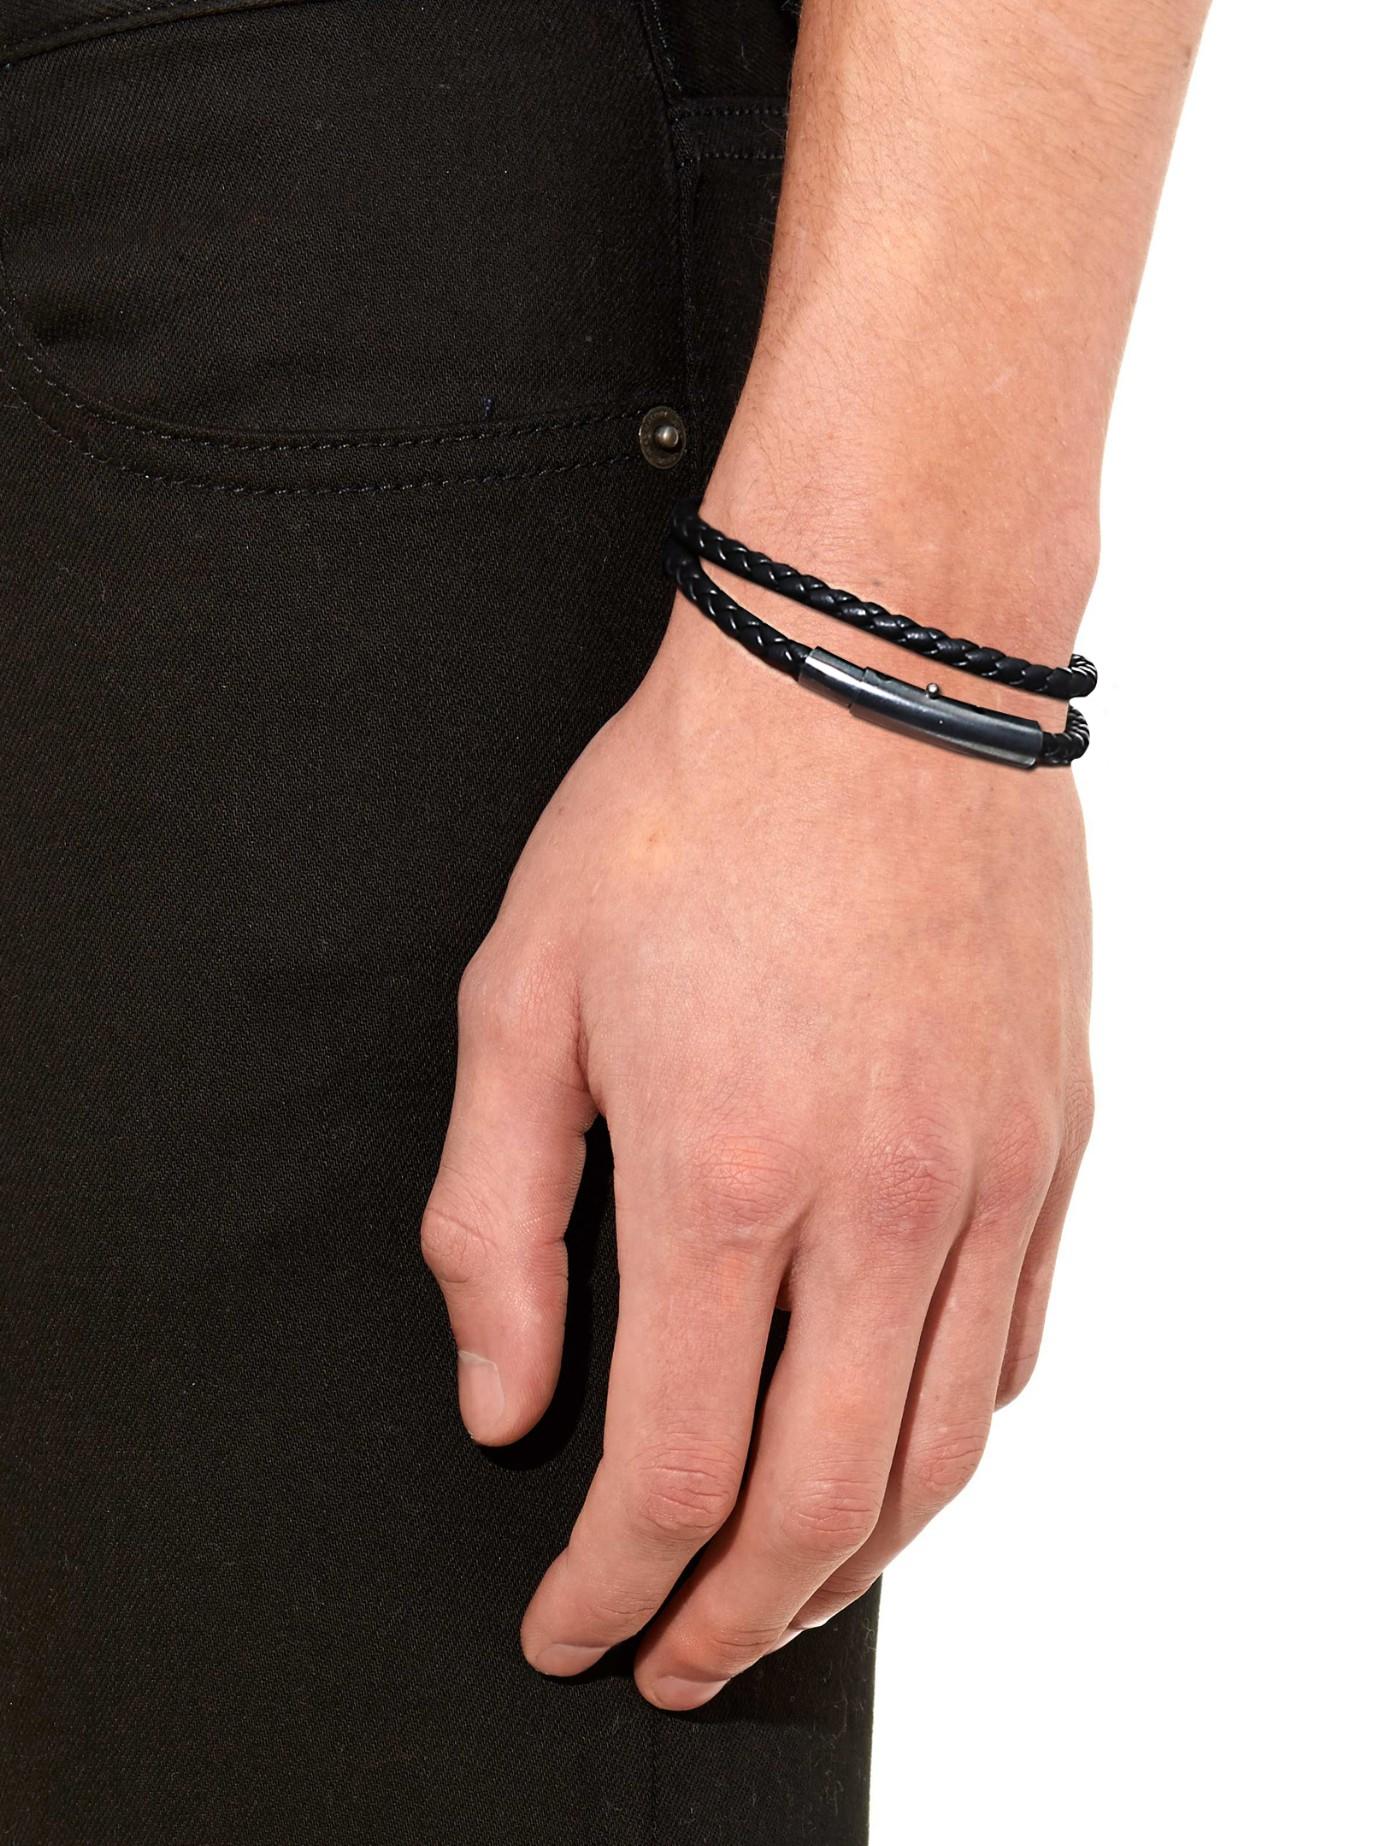 e5abdefe7d5d40 Bottega Veneta Intrecciato Leather Double-wrap Bracelet in Black for ...